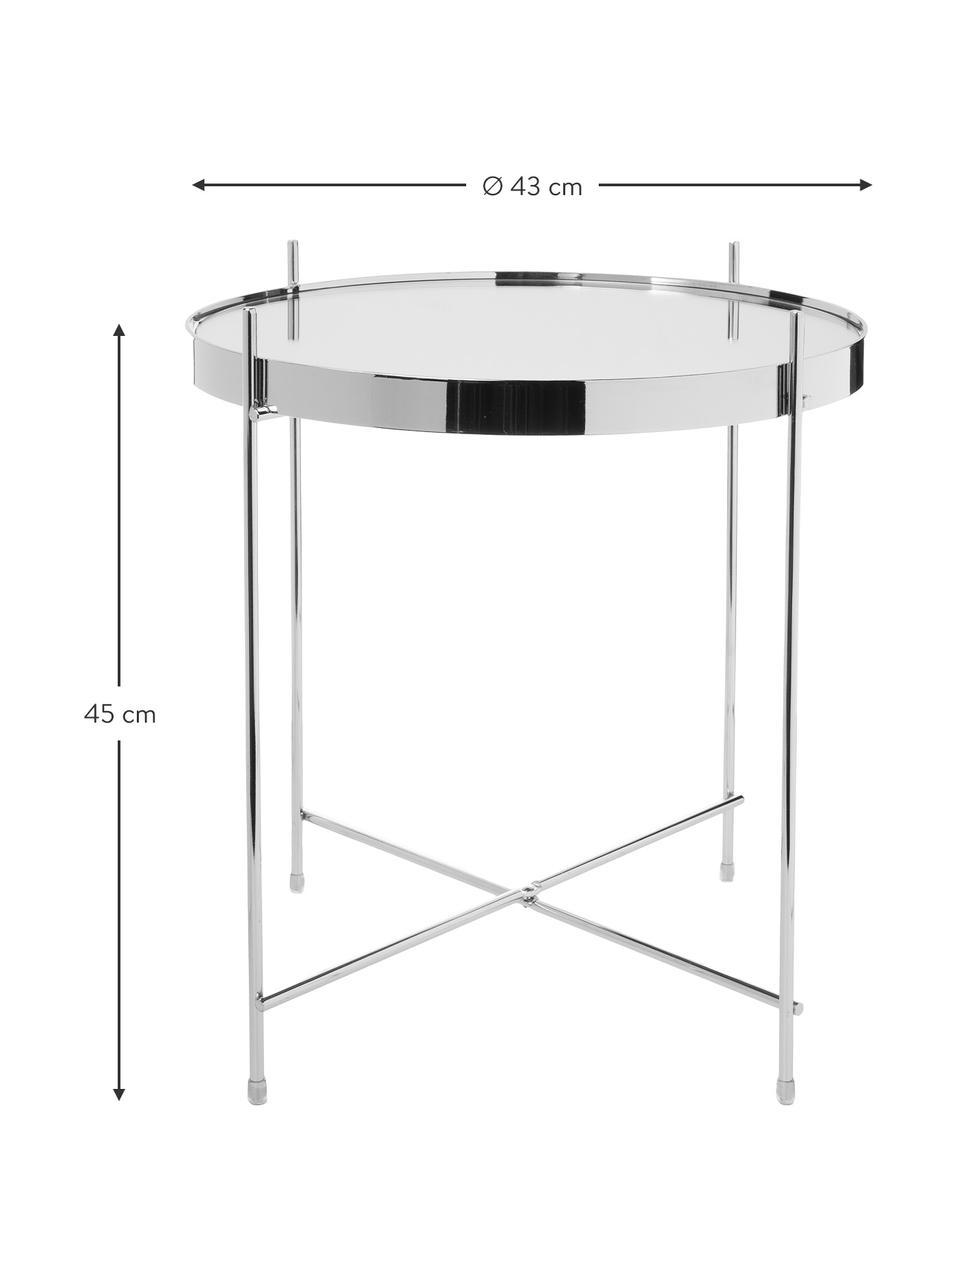 Tablett-Beistelltisch Cupid mit Glasplatte, Gestell: Eisen, verchromt, Tischplatte: Sicherheitsglas, Silber, Ø 43 x H 45 cm